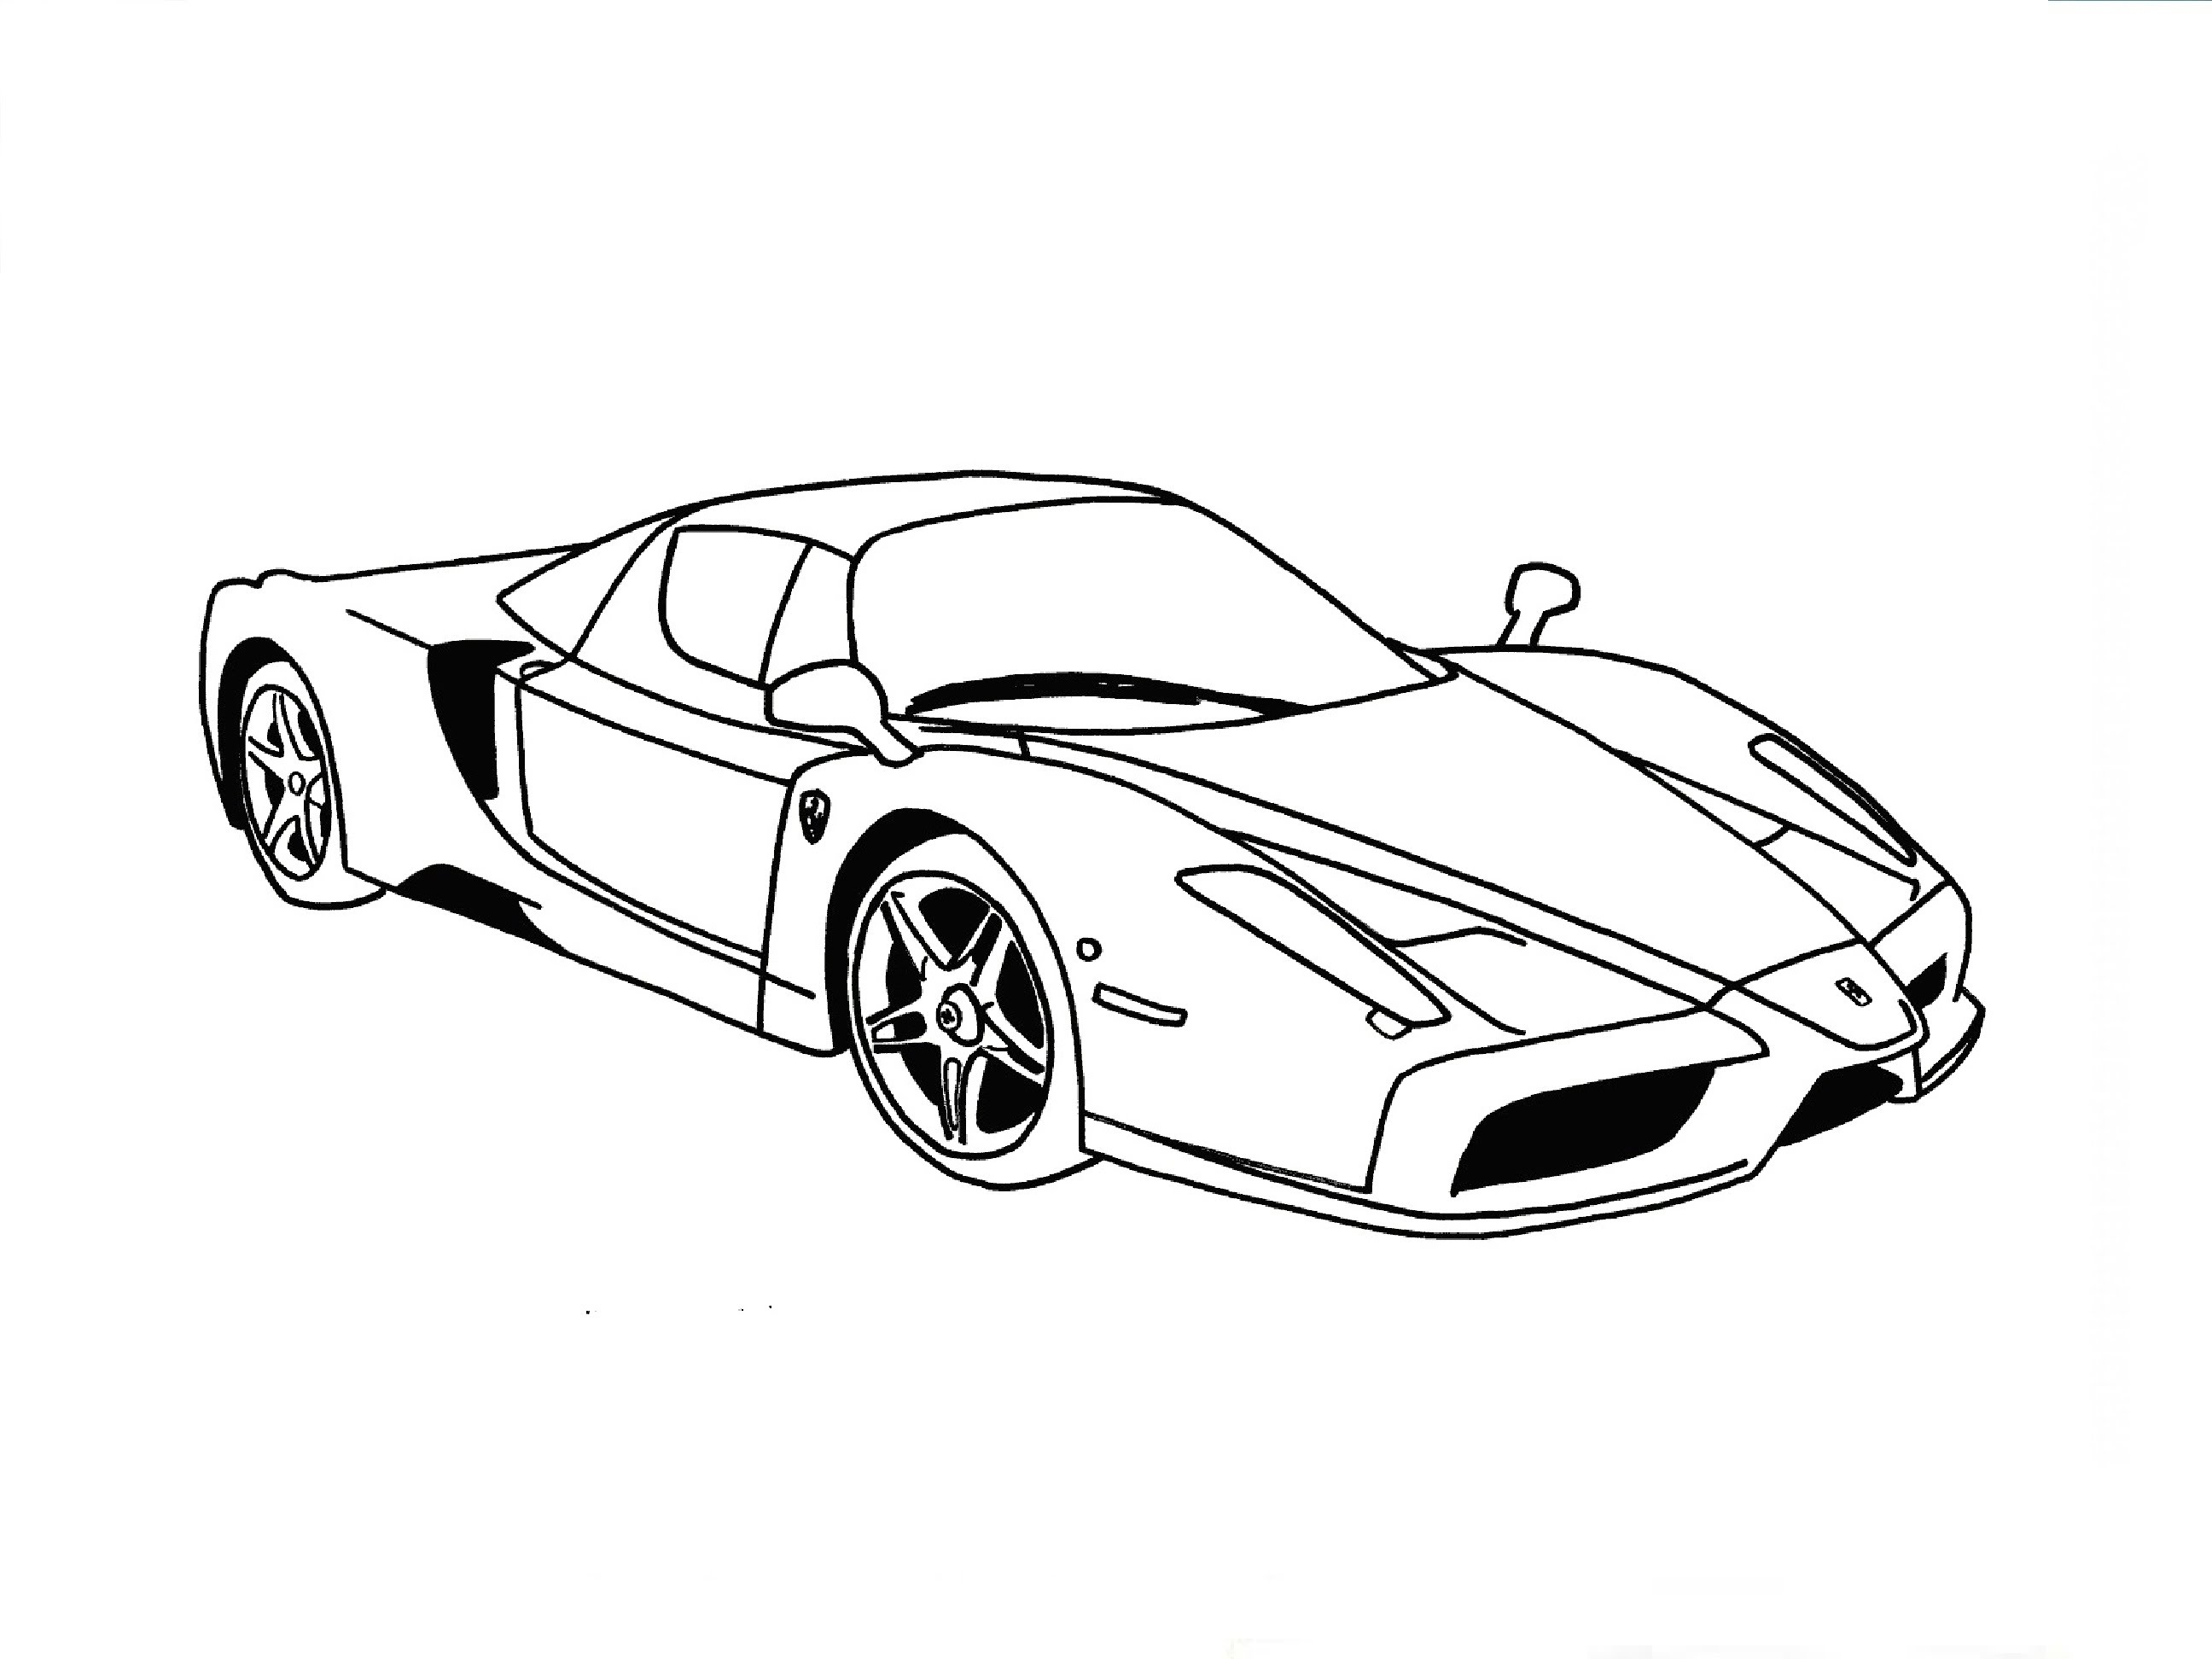 Drawn ferarri easy Энцо drawing: Феррари / Enzo